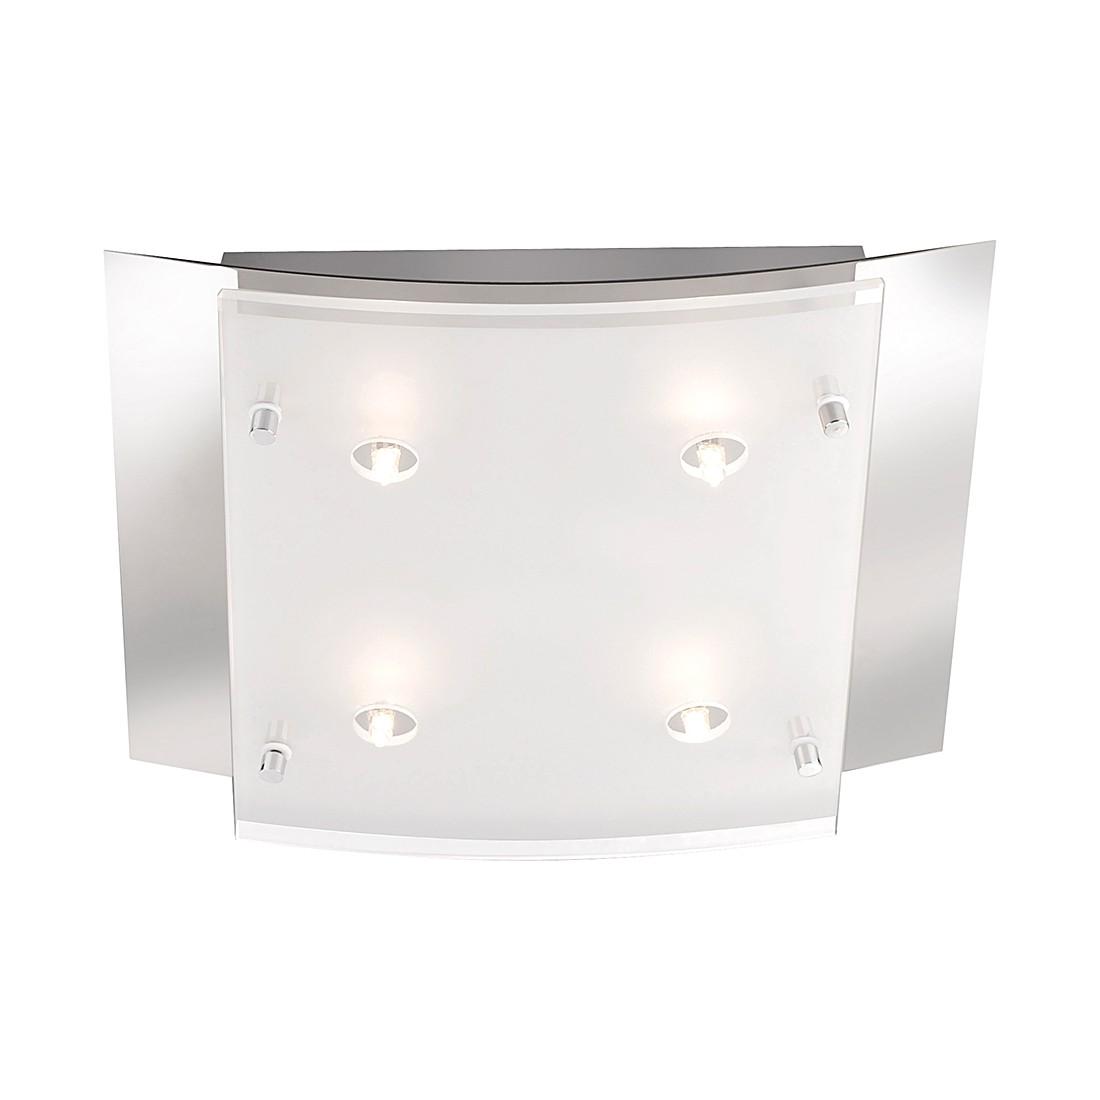 Deckenleuchte Edna II - 4-flammig Deckenleuchte M6 Licht - Spot1 - Nickel - 4-flammig, Fischer Leuchten